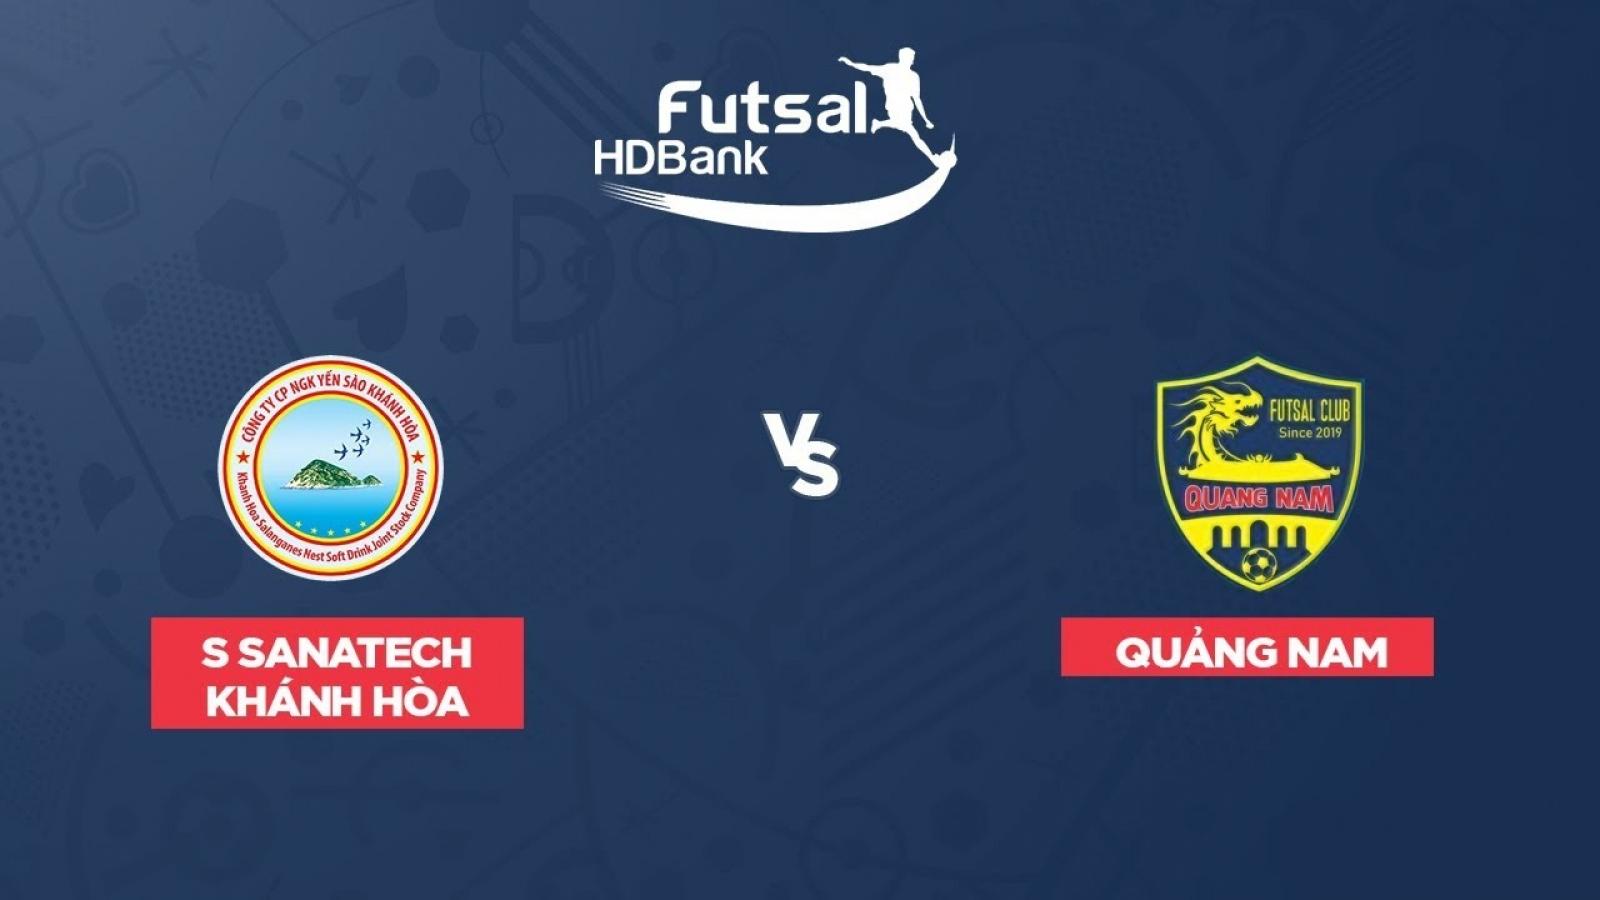 Xem trực tiếp Futsal HDBank VĐQG 2020: Sannatech Khánh Hòa - Quảng Nam